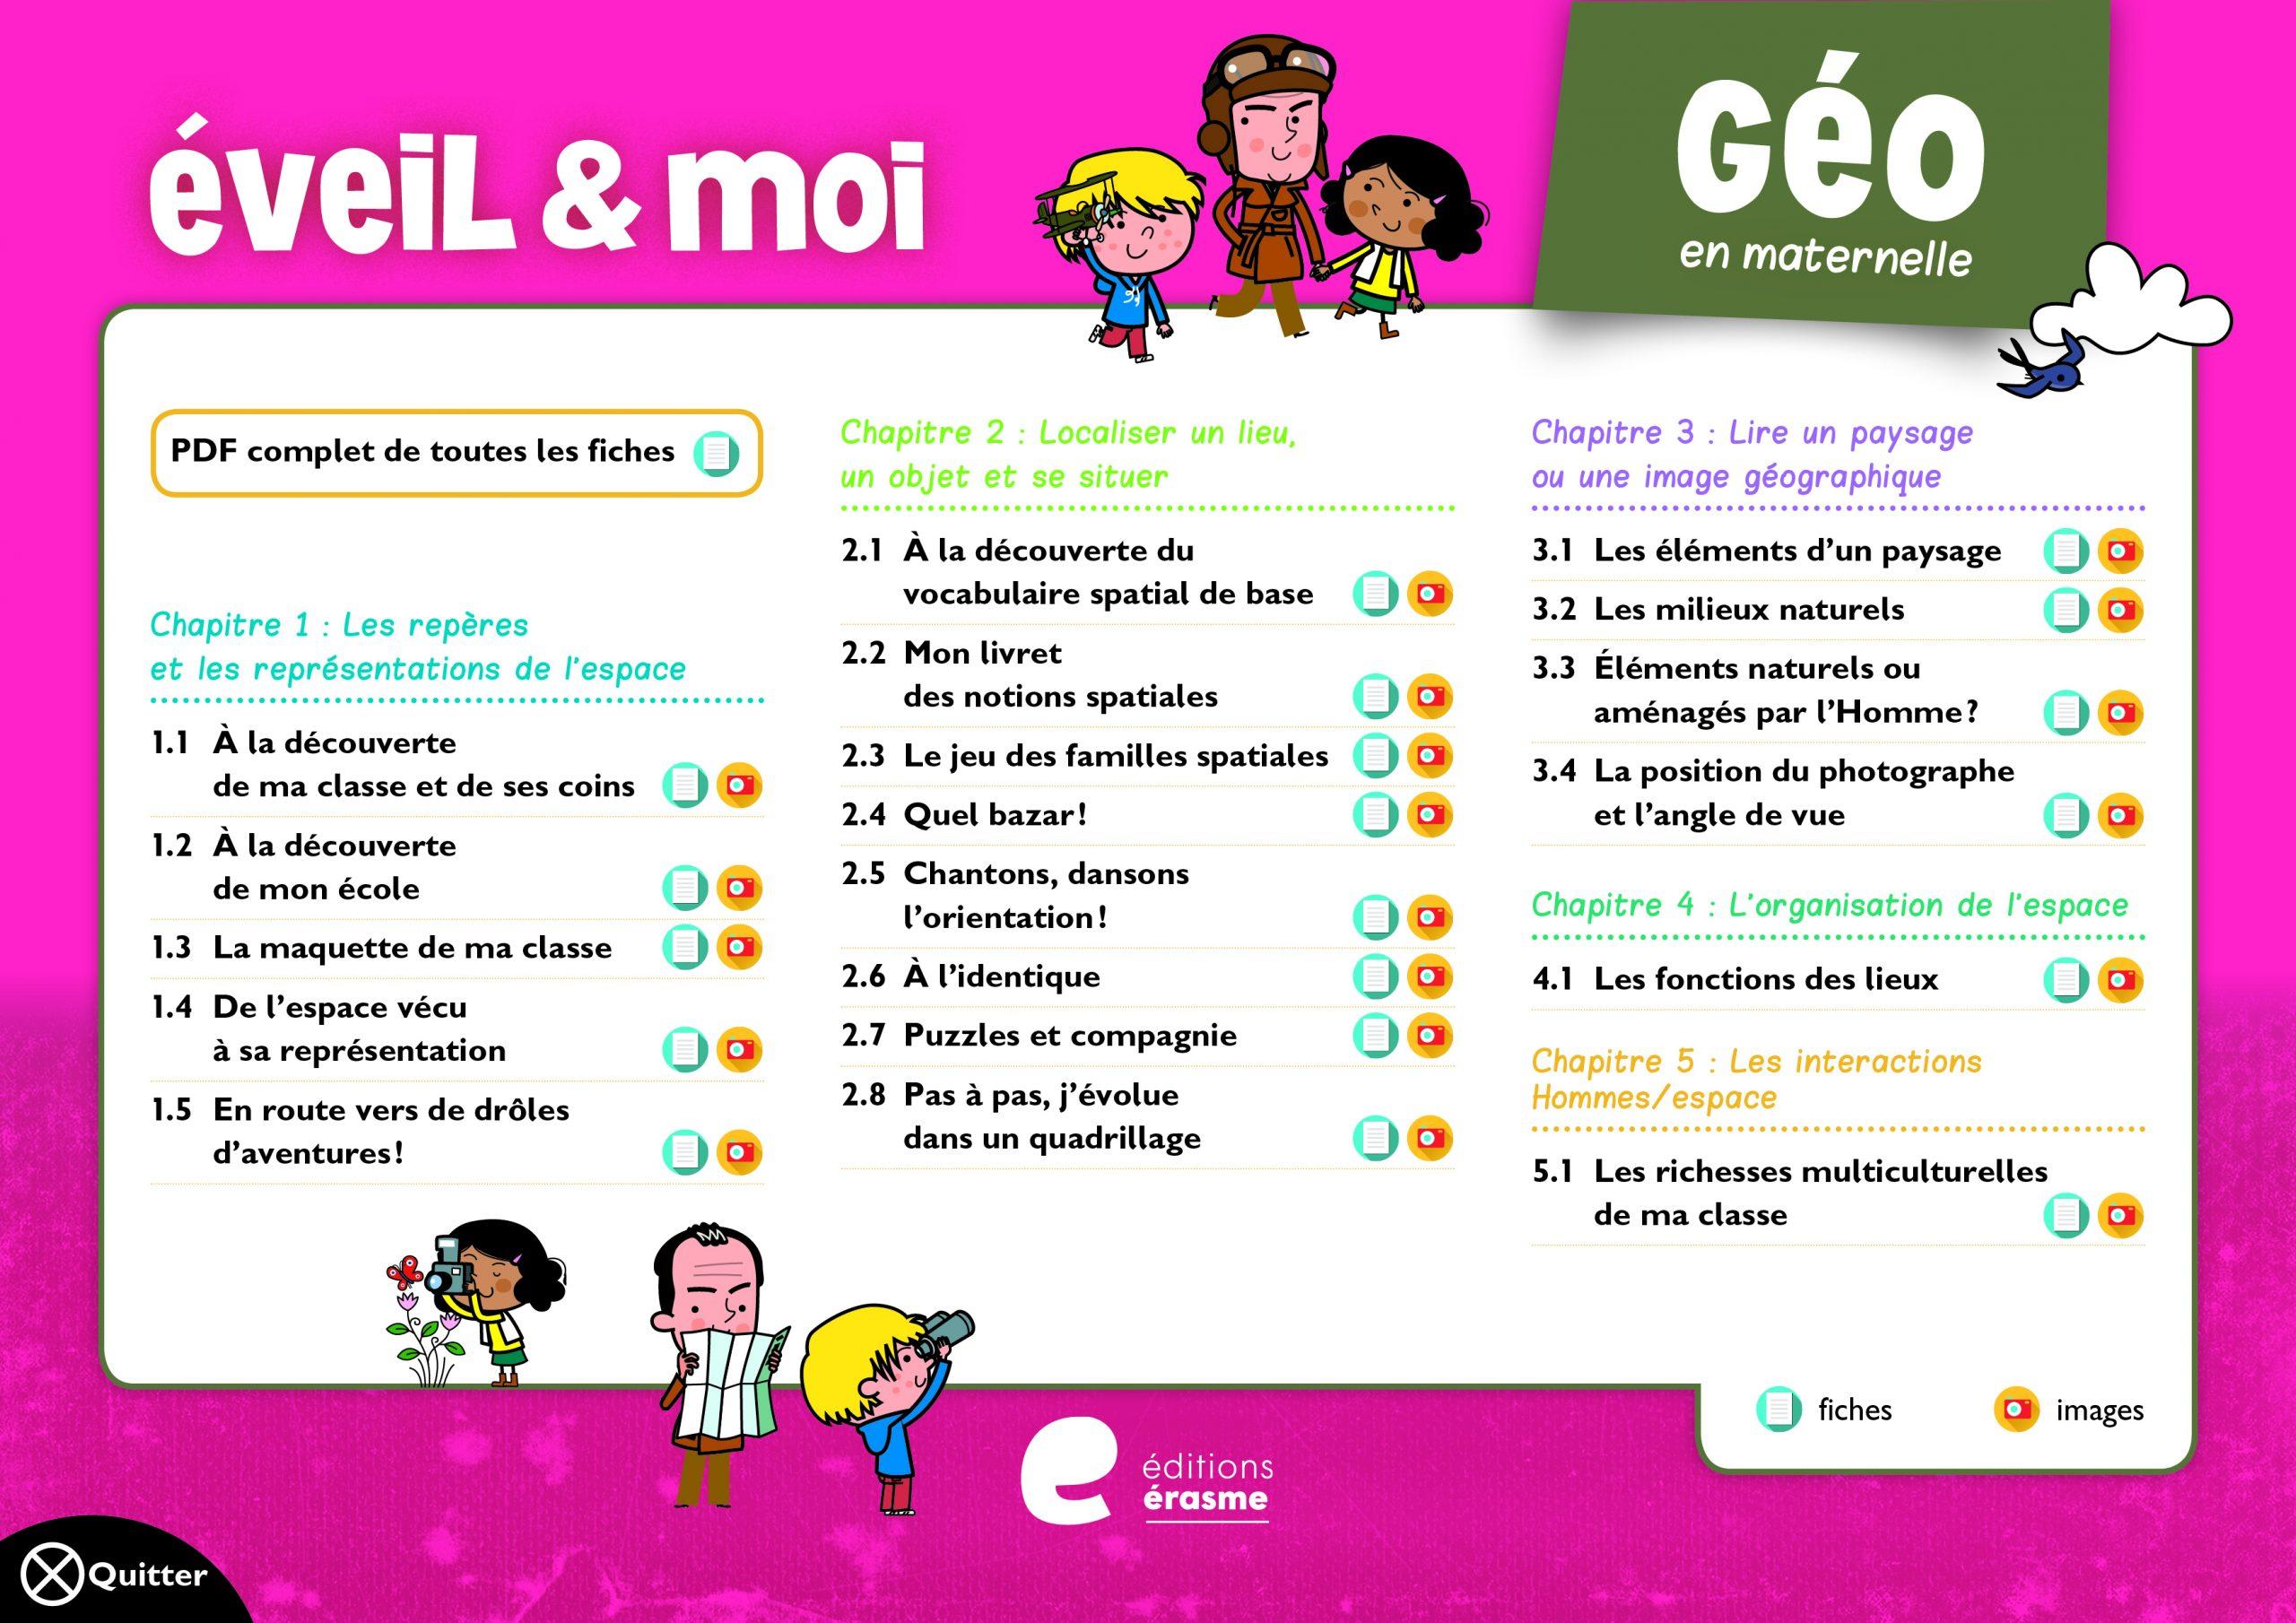 Maternelle-Eveil Et Moi - Géo encequiconcerne Puzzle En Ligne Maternelle